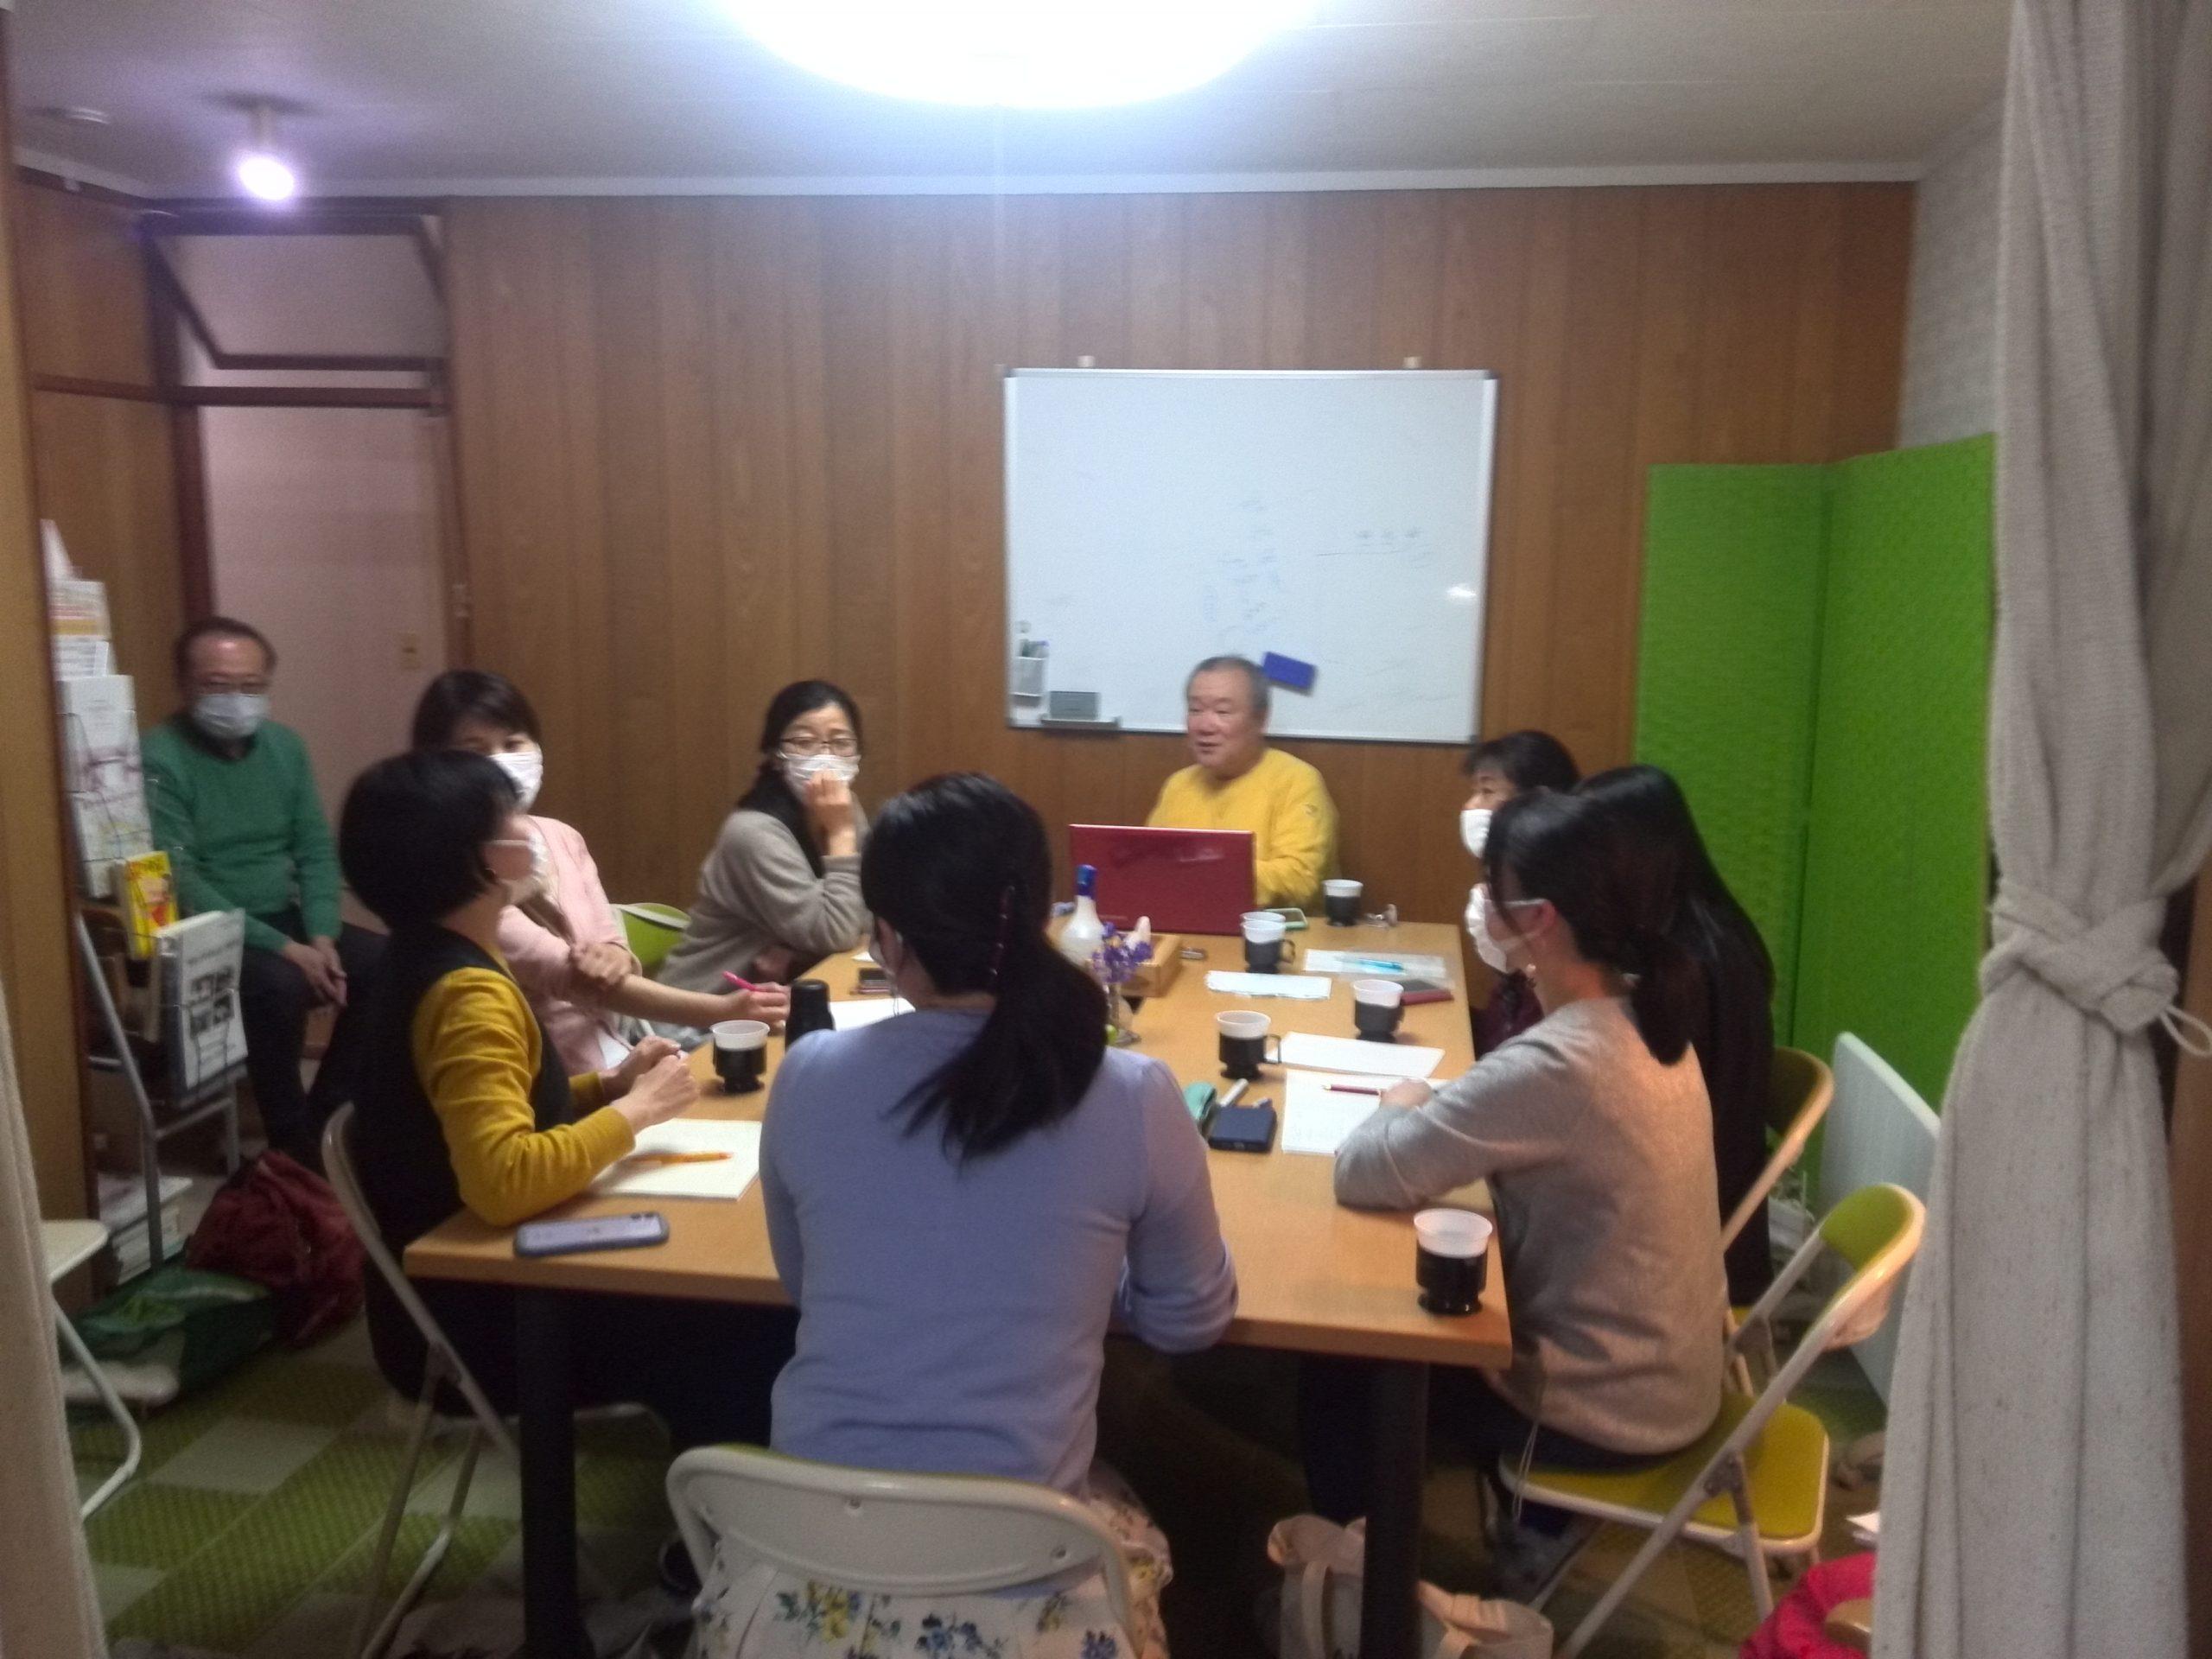 IMG 20200310 204528 scaled - 愛の子育て塾第16期第1講座開催